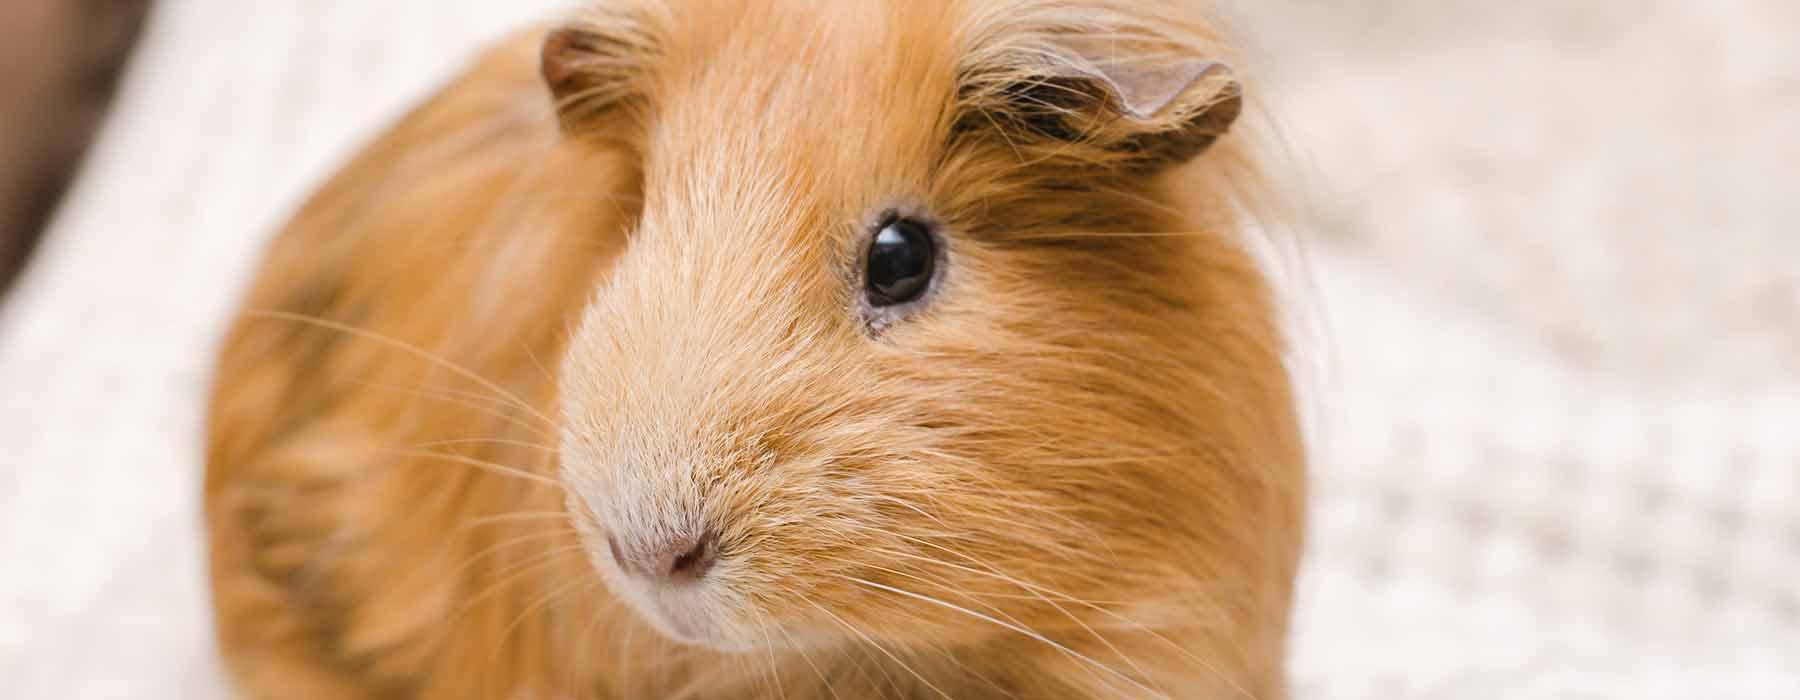 Ginger guinea pig